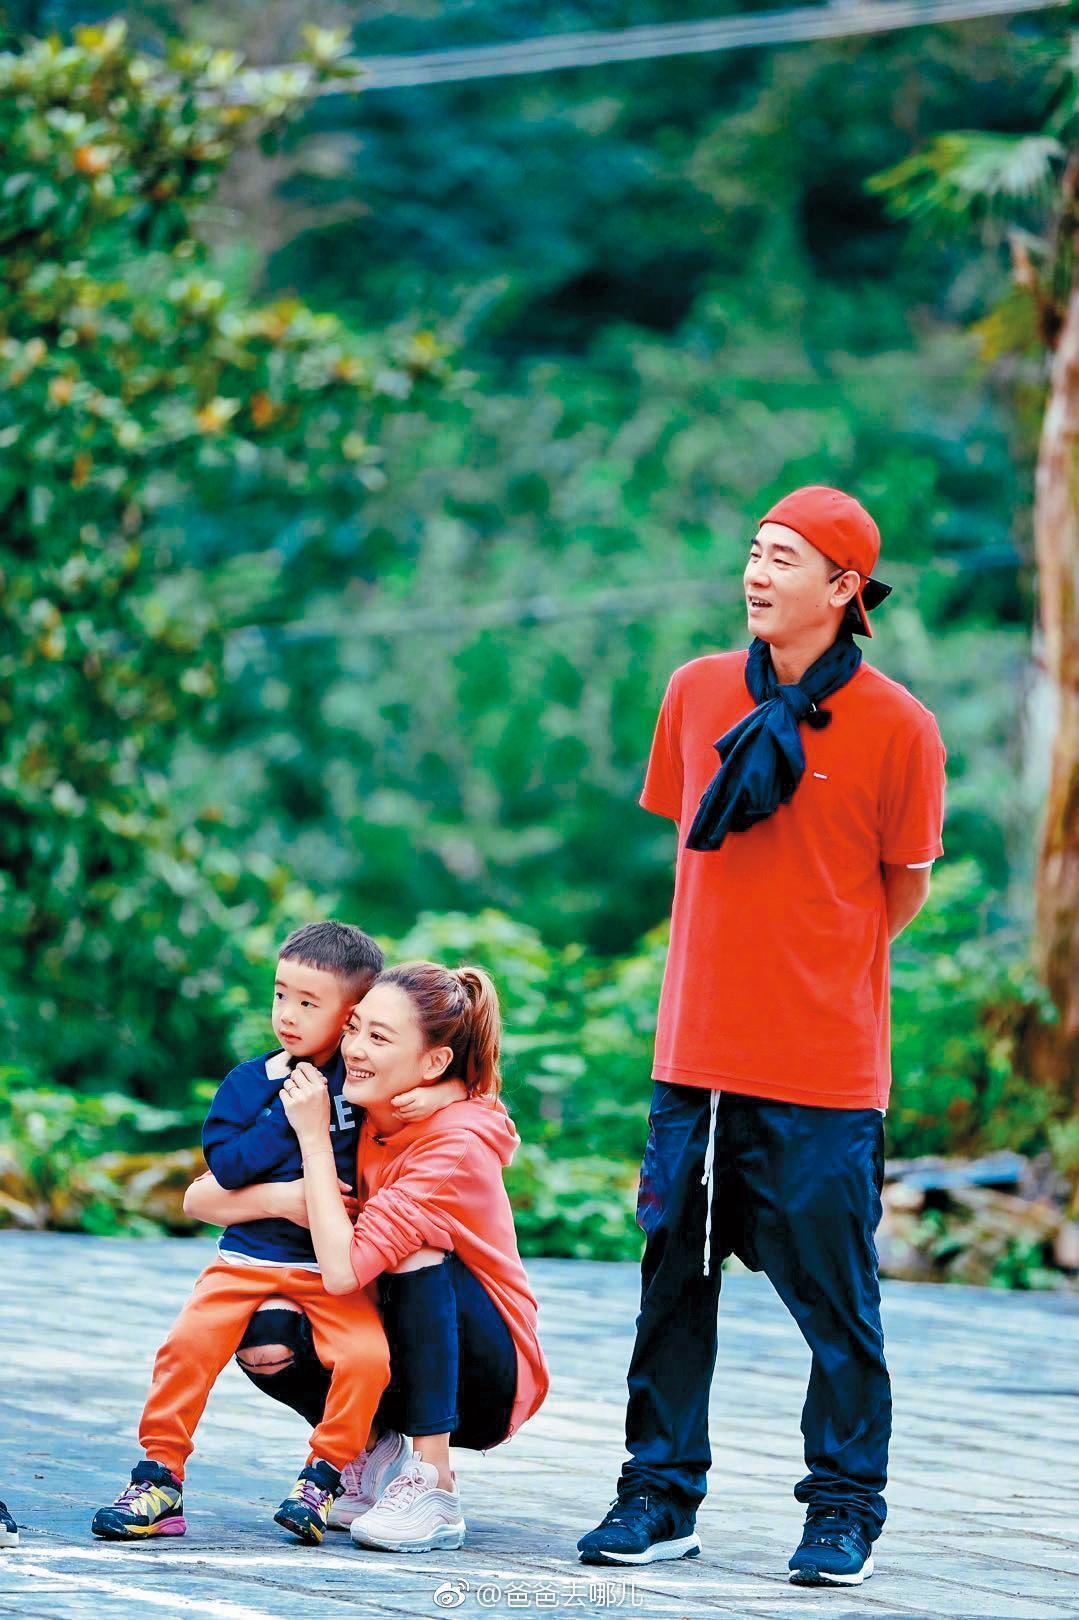 陳小春與應采兒結婚9年,僅育有Jasper一個兒子,應采兒多次被爆懷二胎,都被她否認。(翻攝自《爸爸去哪兒》微博)